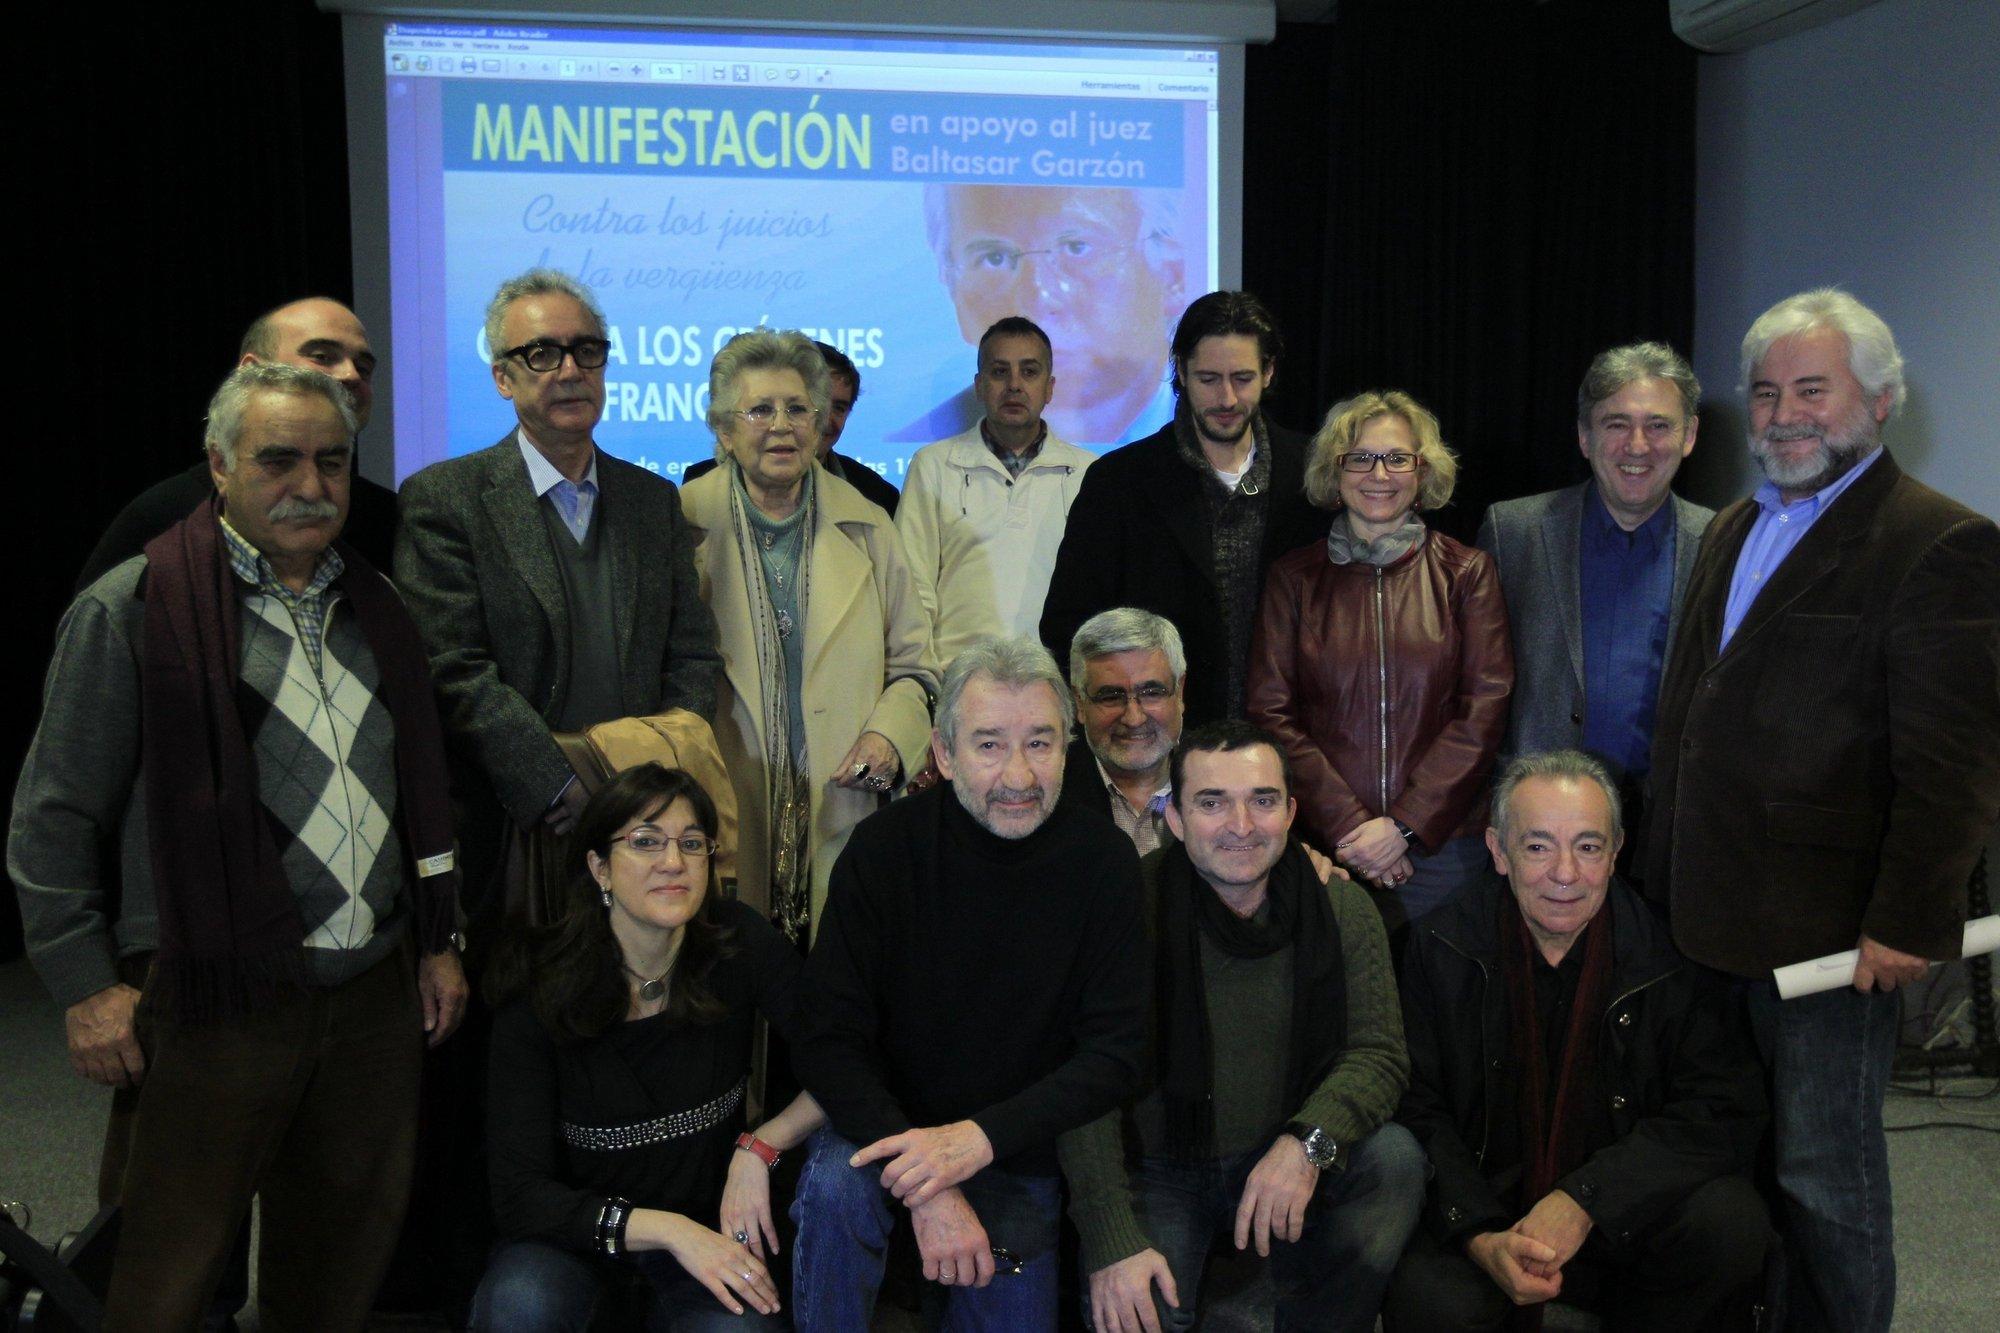 Una manifestación recorre hoy el centro de Madrid en solidaridad con el juez y las víctimas del franquismo